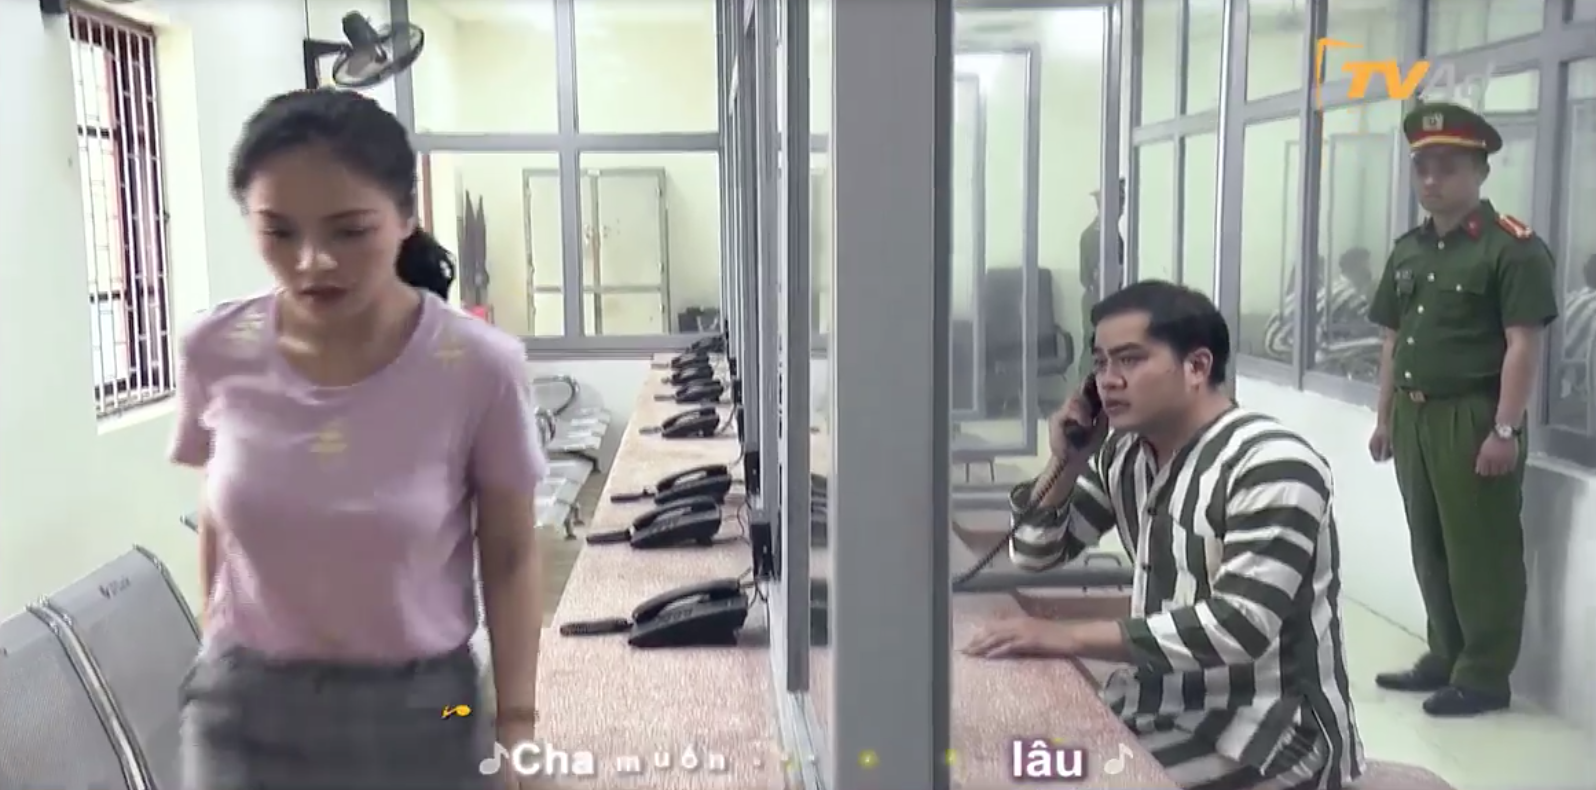 """Hot: Hé lộ cảnh Khải """"Về nhà đi con"""" mặc áo tù, Huệ đến thăm nhưng vẫn phũ phàng ra về - Ảnh 3."""